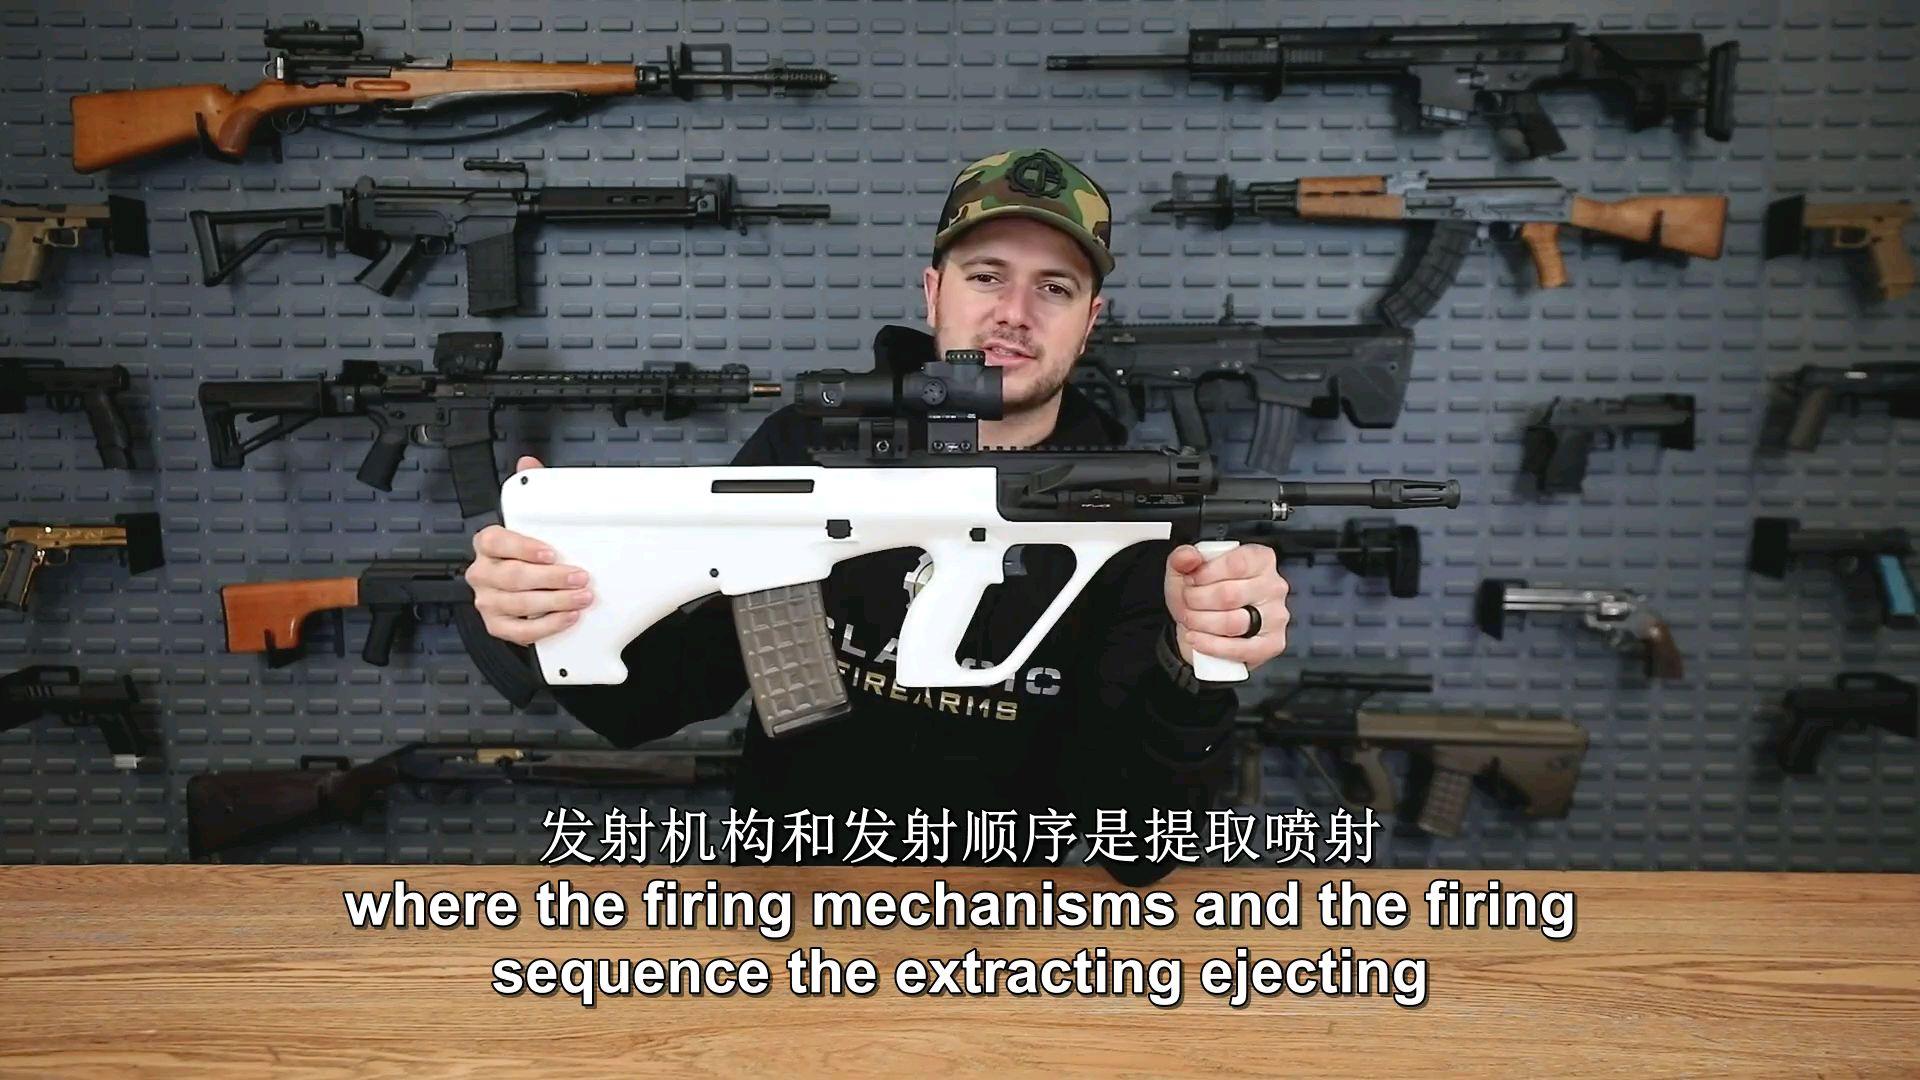 [经典武器]机翻 赢取你的斯太尔AUG A3